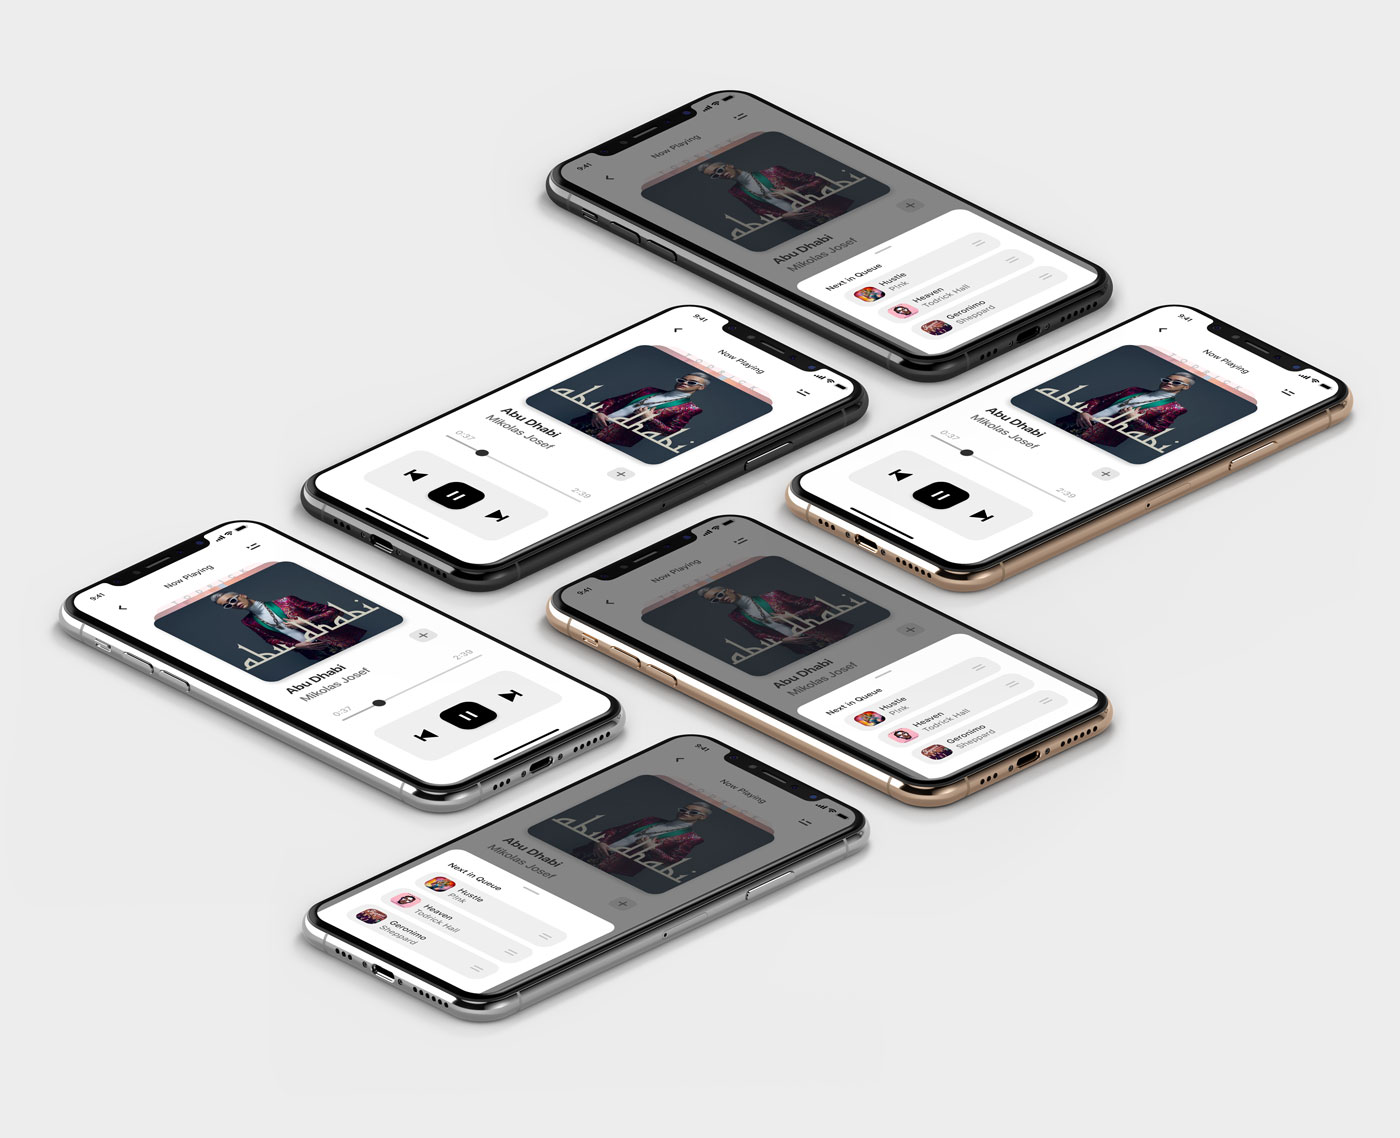 Ukázka aplikace s hudebním přehrávačem.